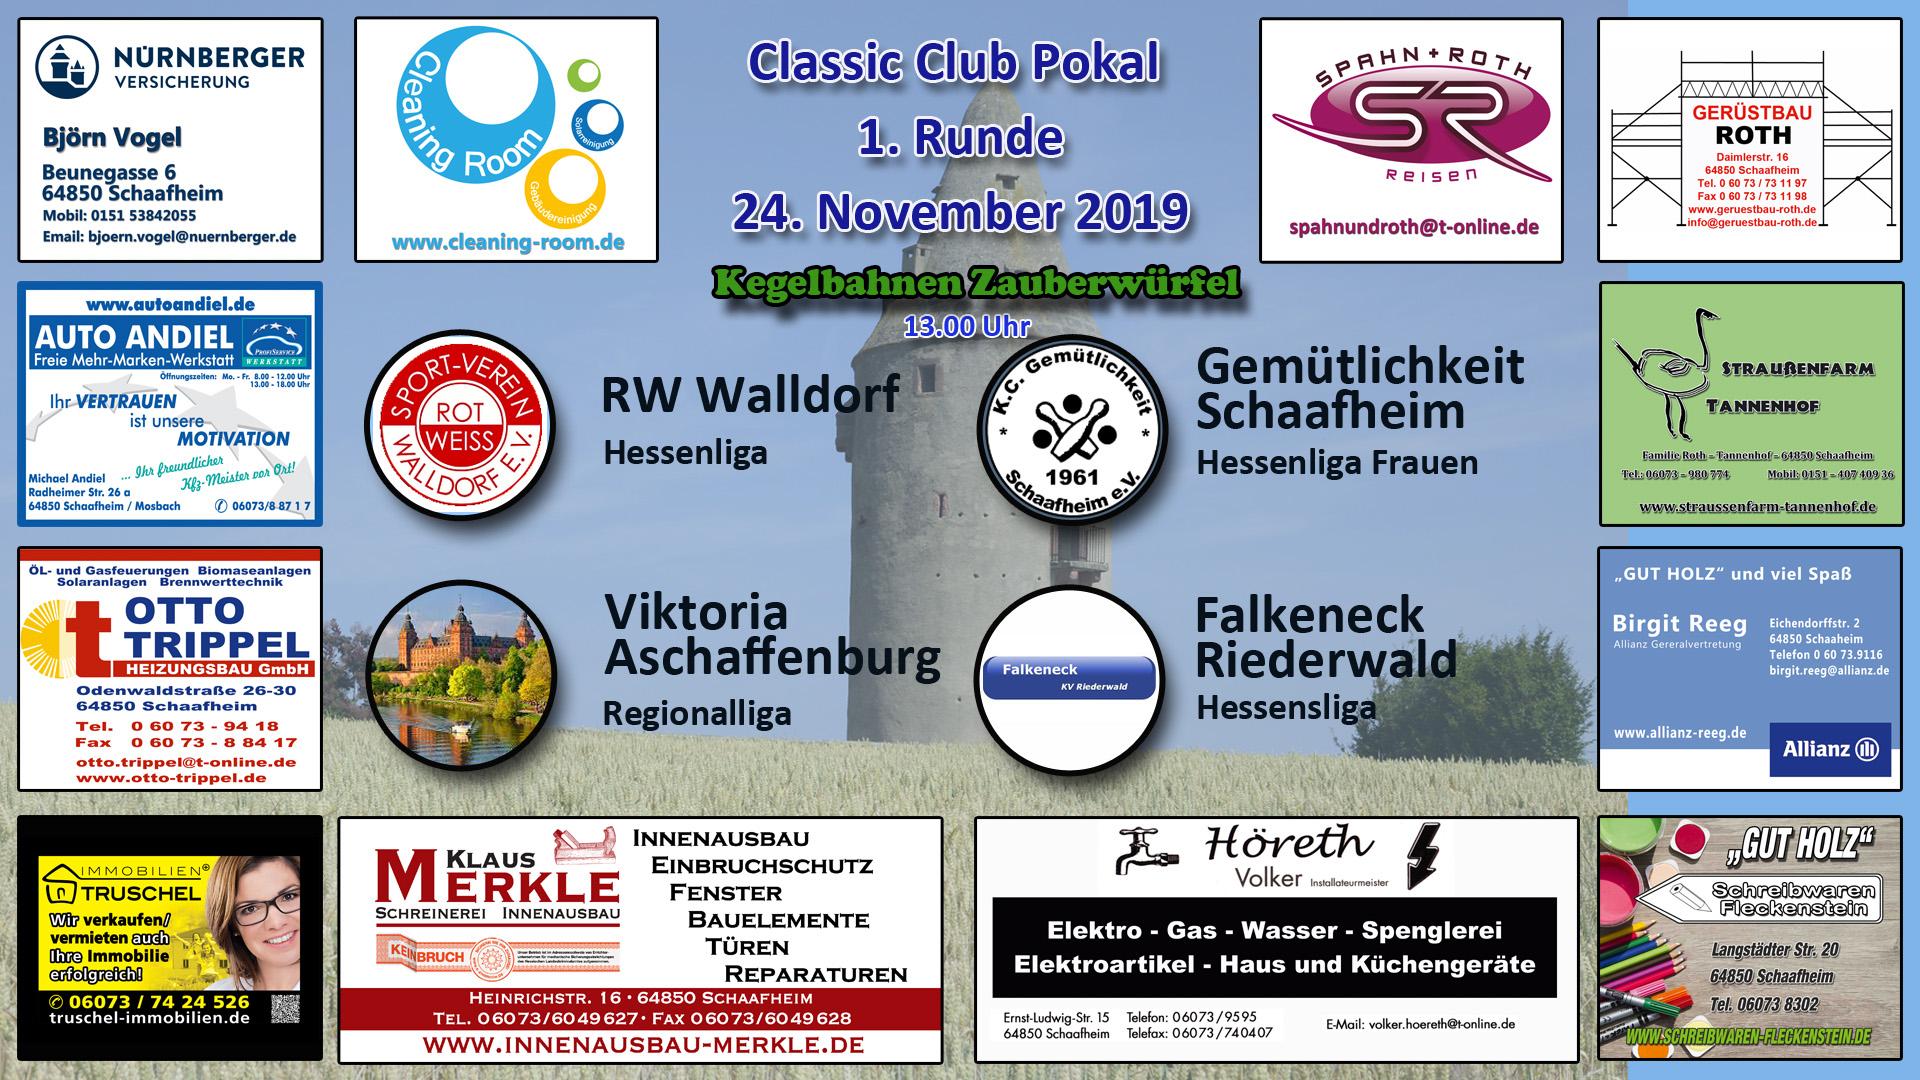 Classik Club Pokal Frauen 1. Runde 2019-2020